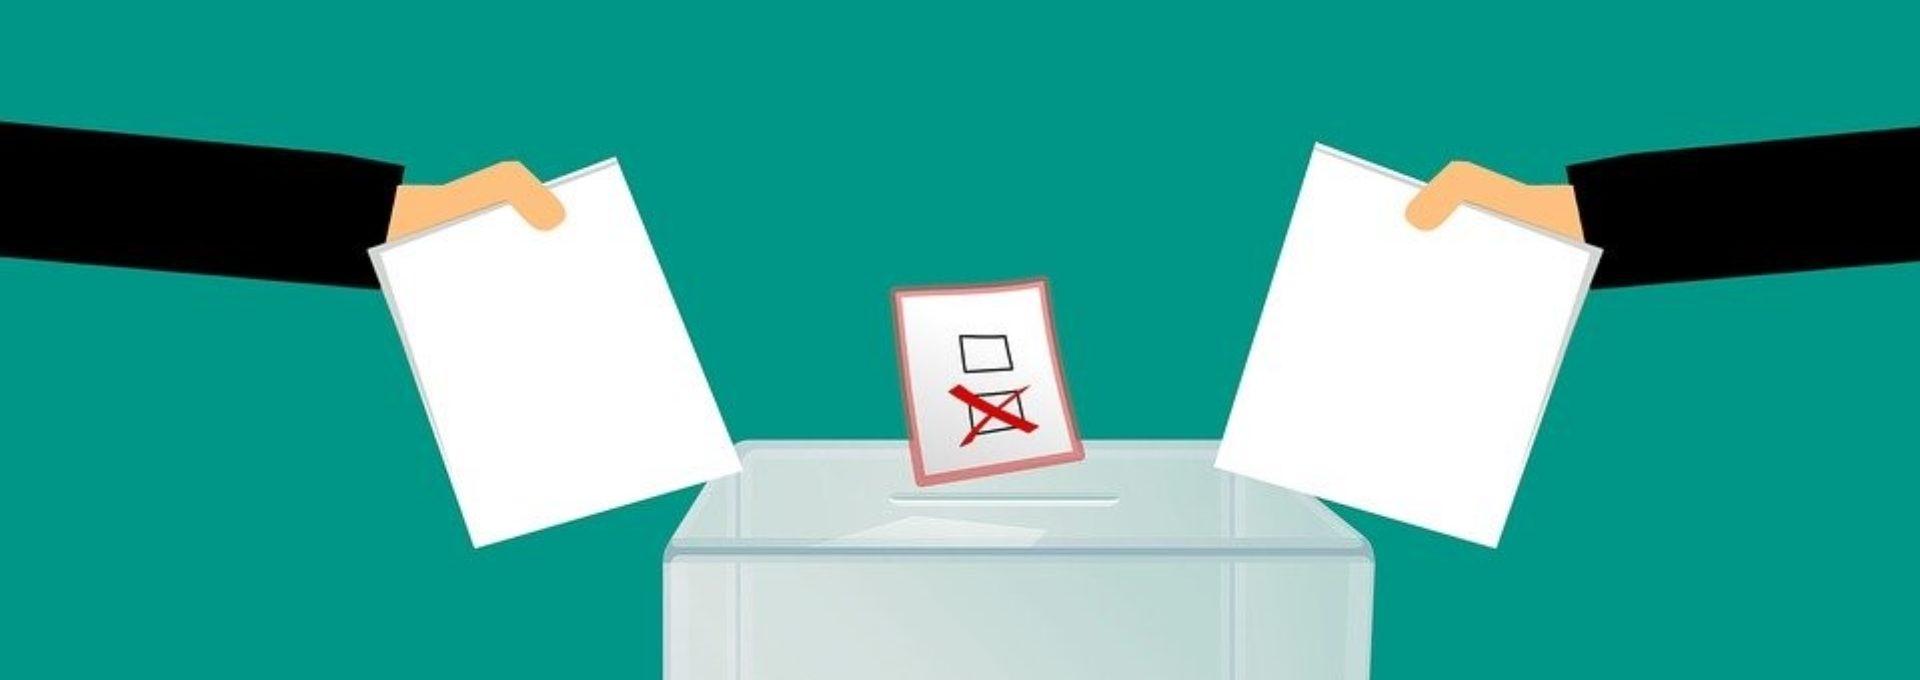 photo: Deux bulletins de vote se font déposer dans une urne.